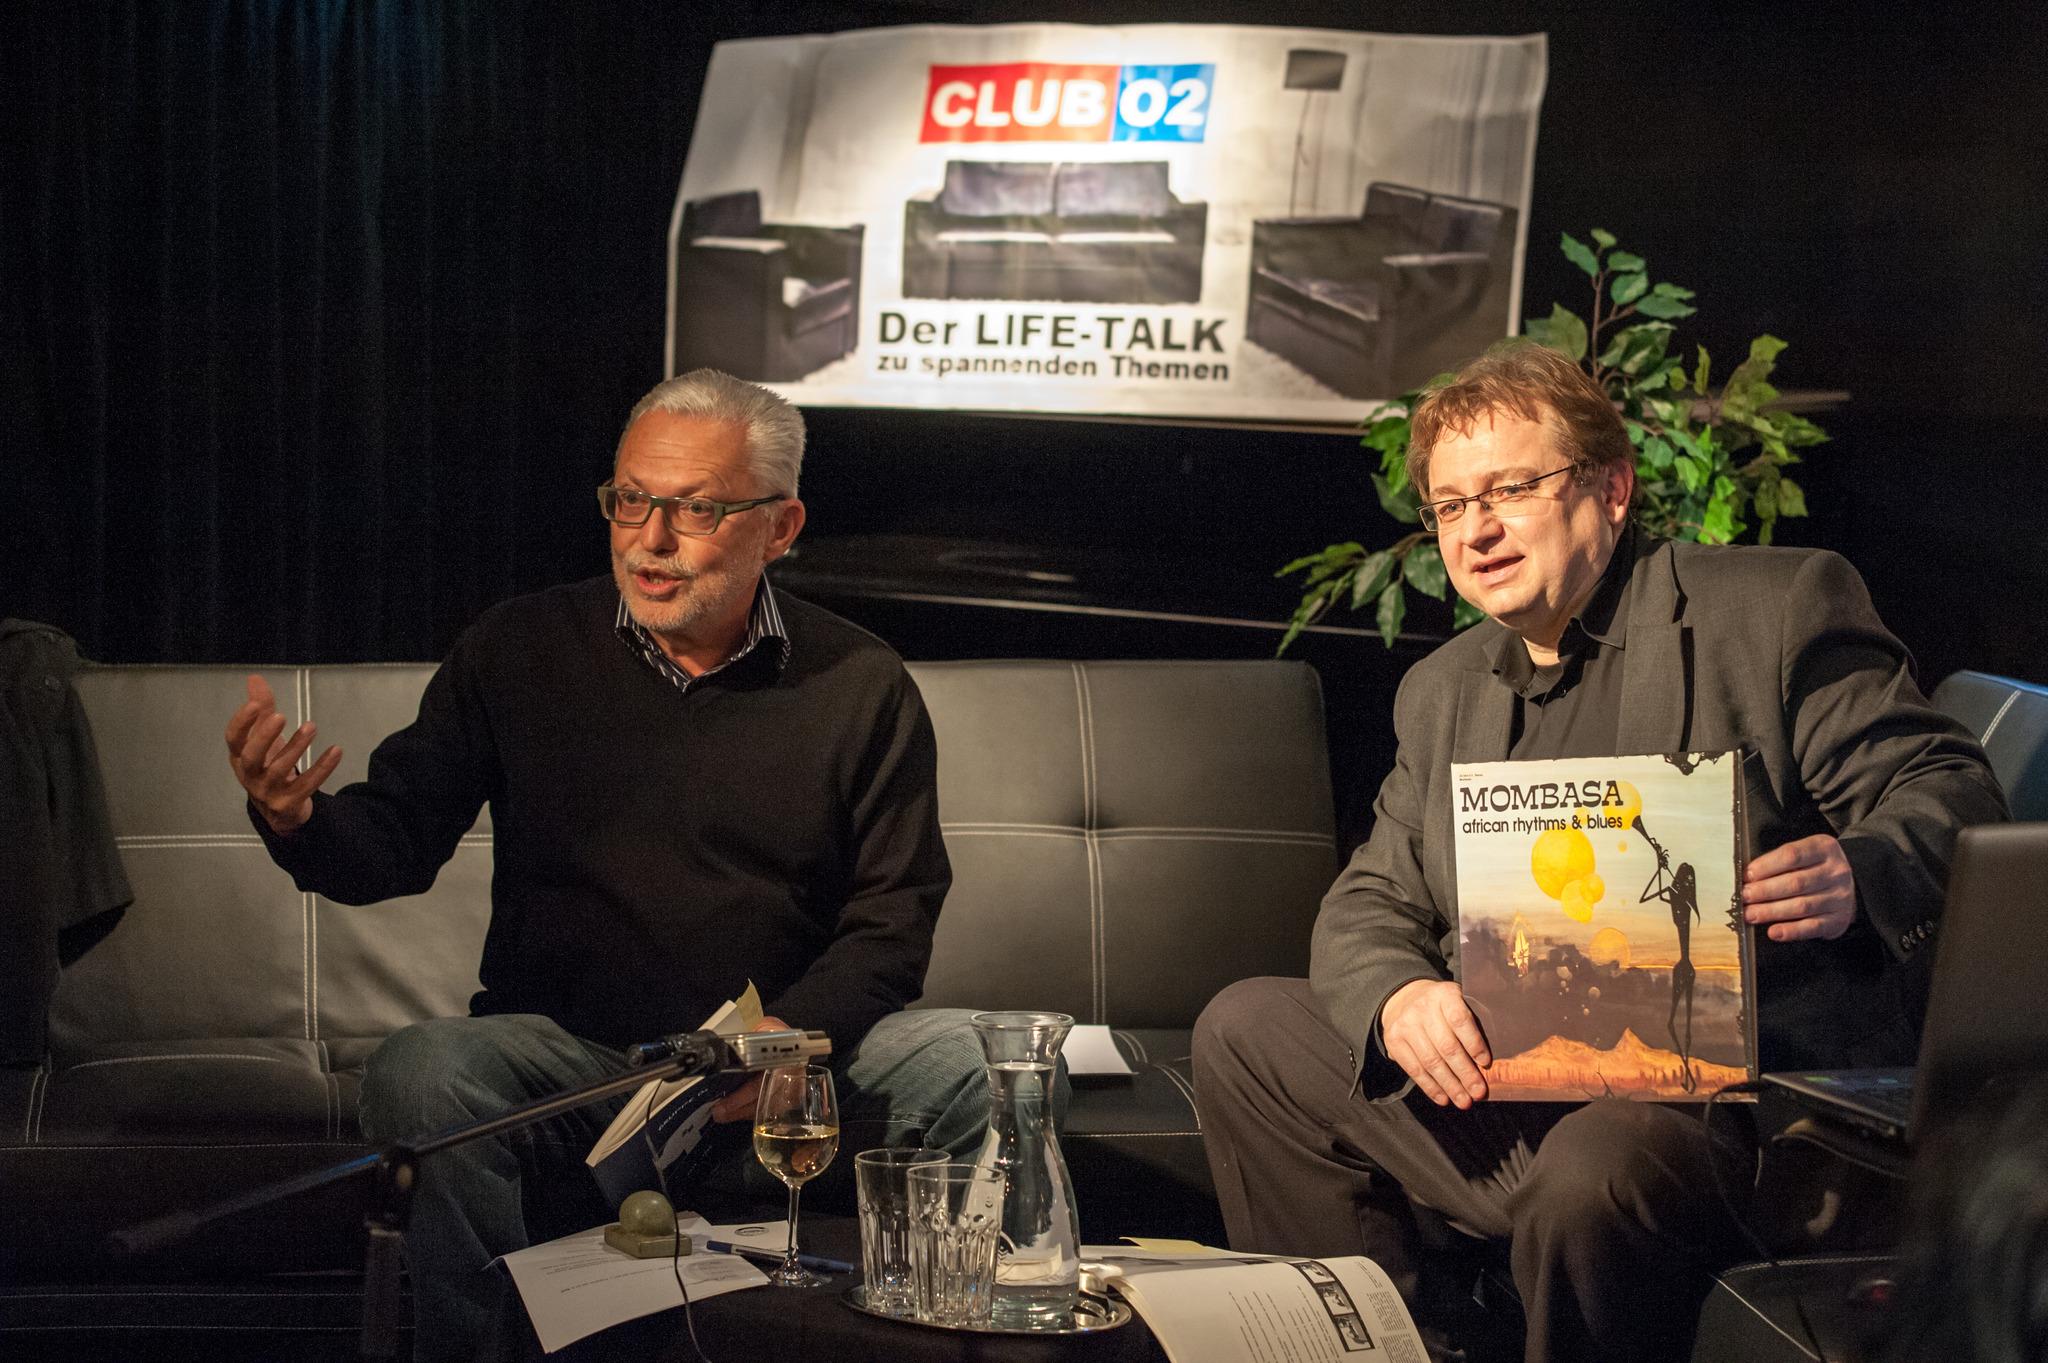 club o2 im rossstall lambach erlebte mit urgestein prieler franz einen humorvollen abend mit g. Black Bedroom Furniture Sets. Home Design Ideas